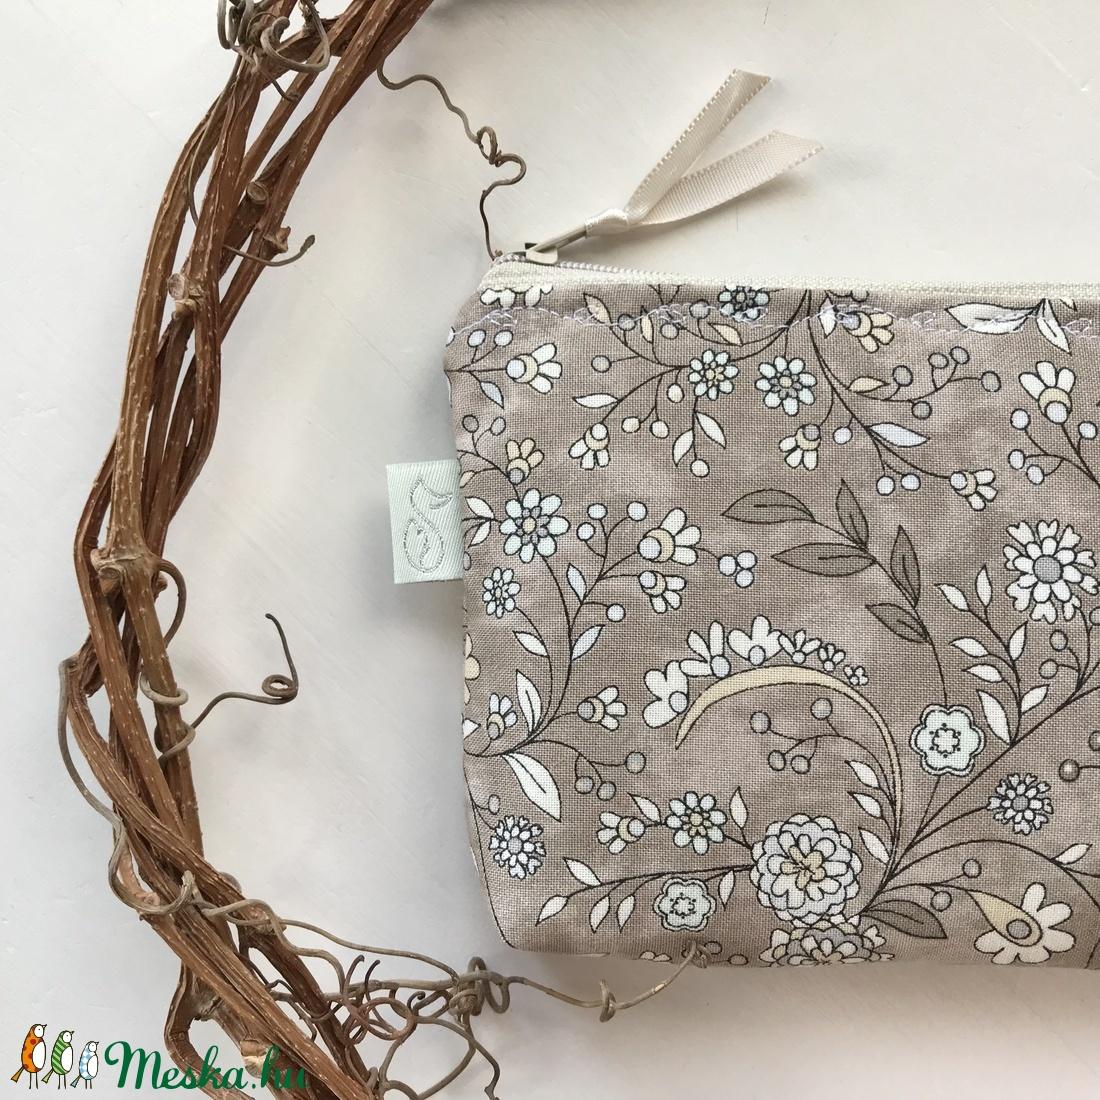 Natúr virág mintás irattartó pénztárca, kozmetikai táska - Artiroka design a Mesedobozból - táska & tok - pénztárca & más tok - pénztárca - Meska.hu